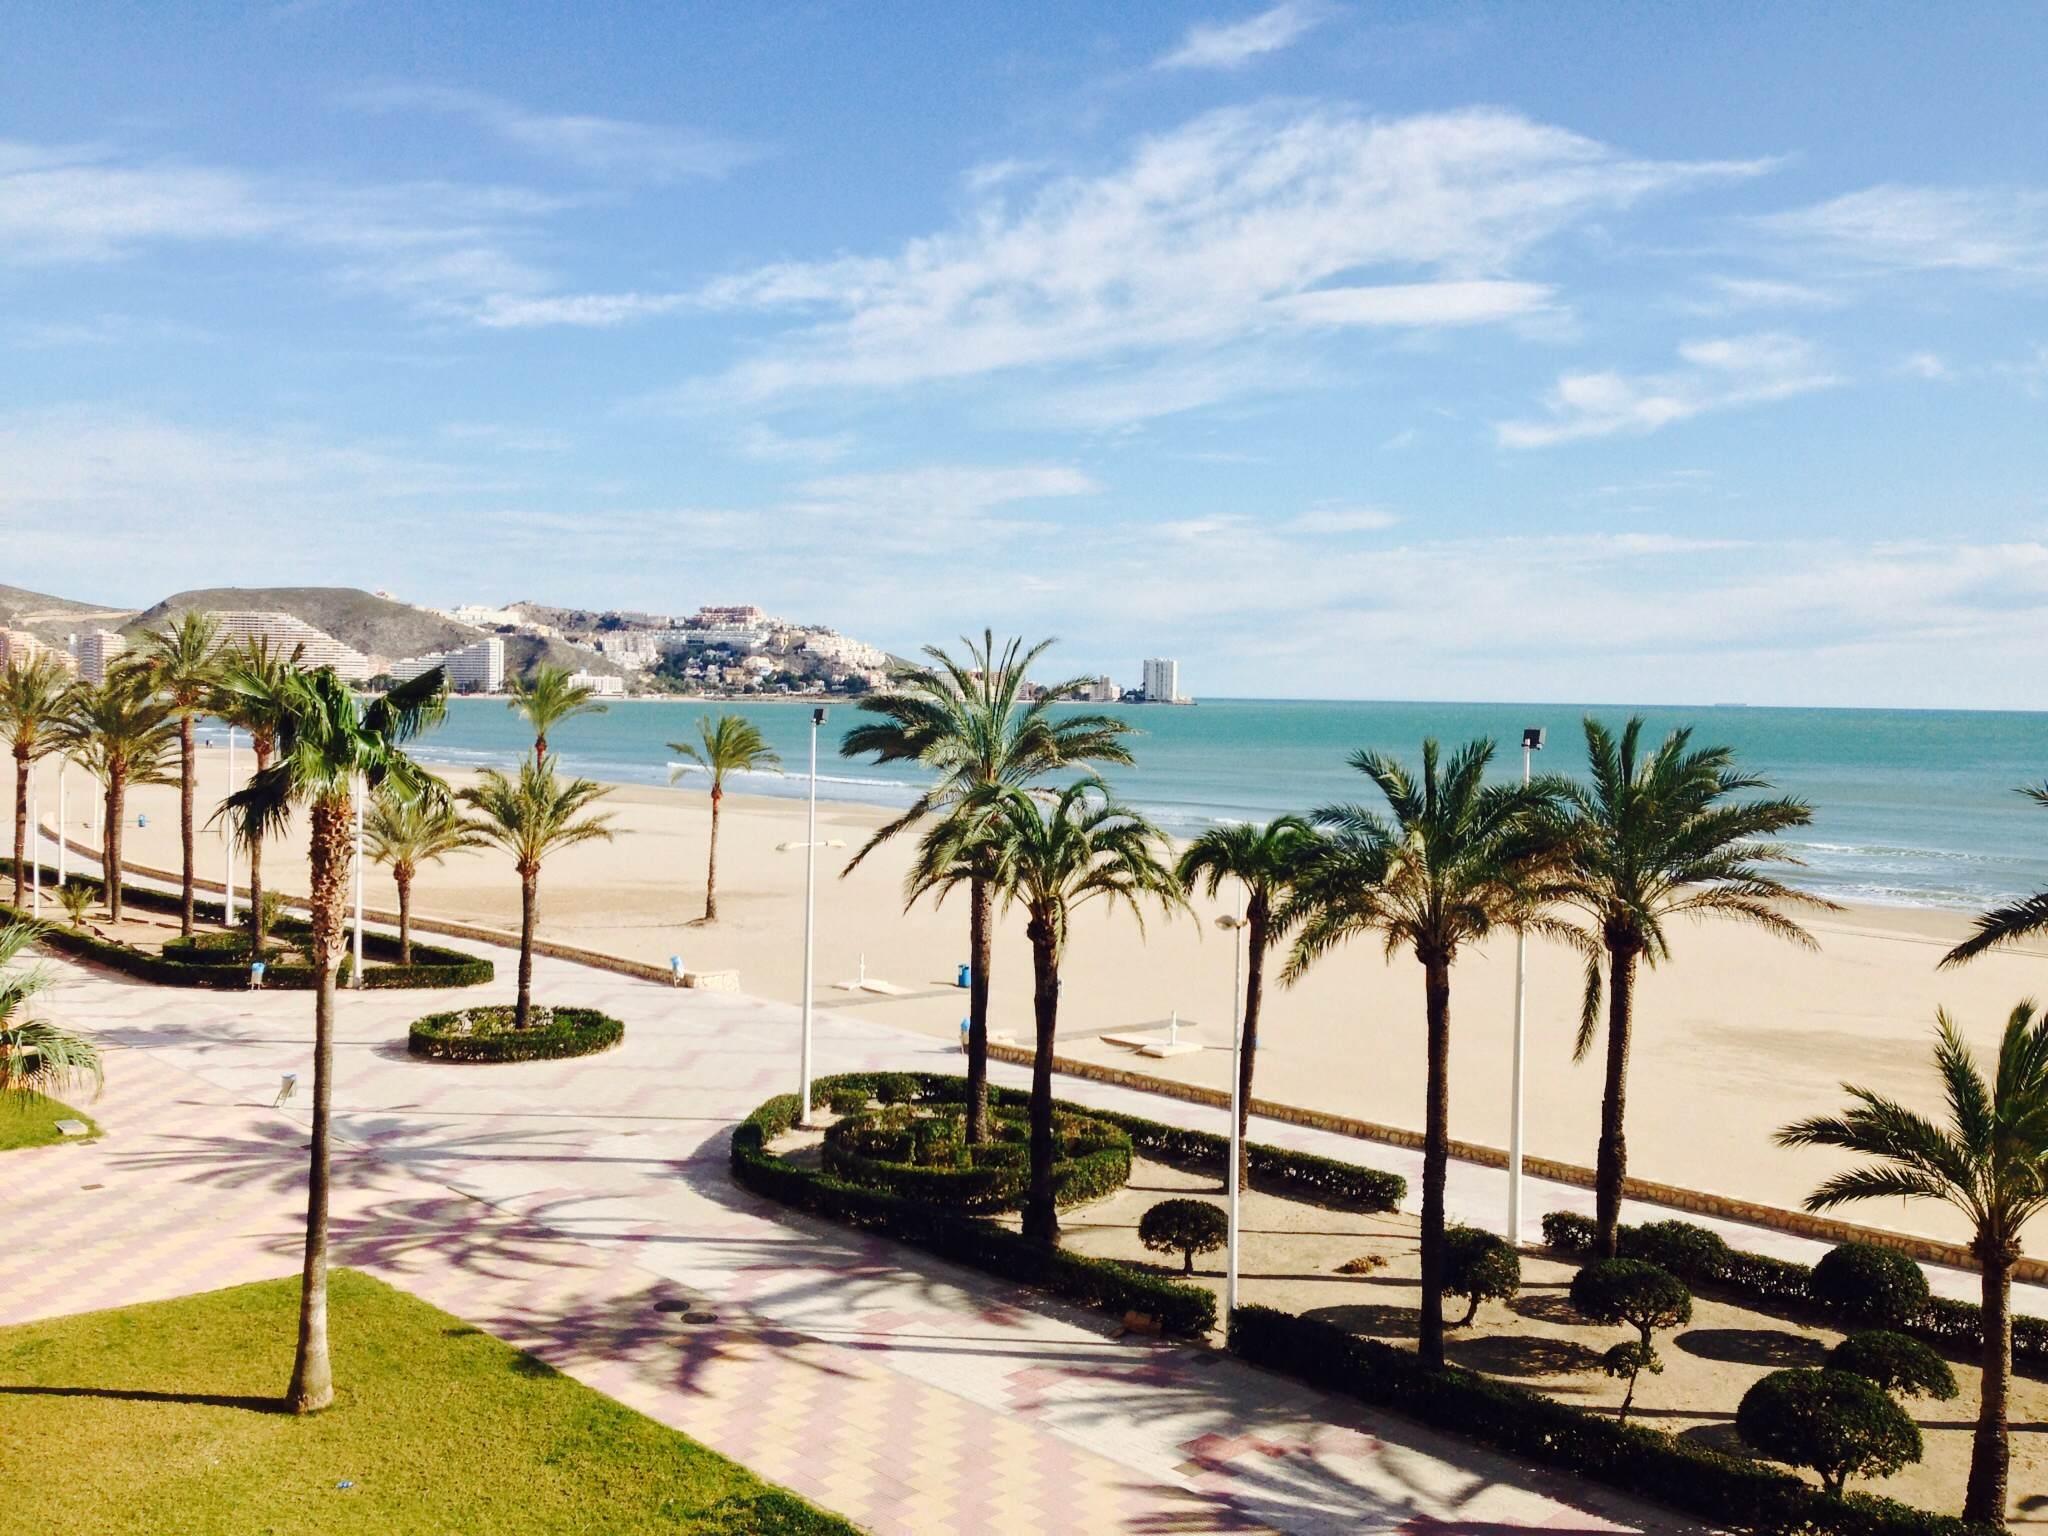 Inmobiliaria gestitur apartamento en primera l nea de playa san antonio 4316 inmobiliaria - Venta apartamentos playa cullera ...